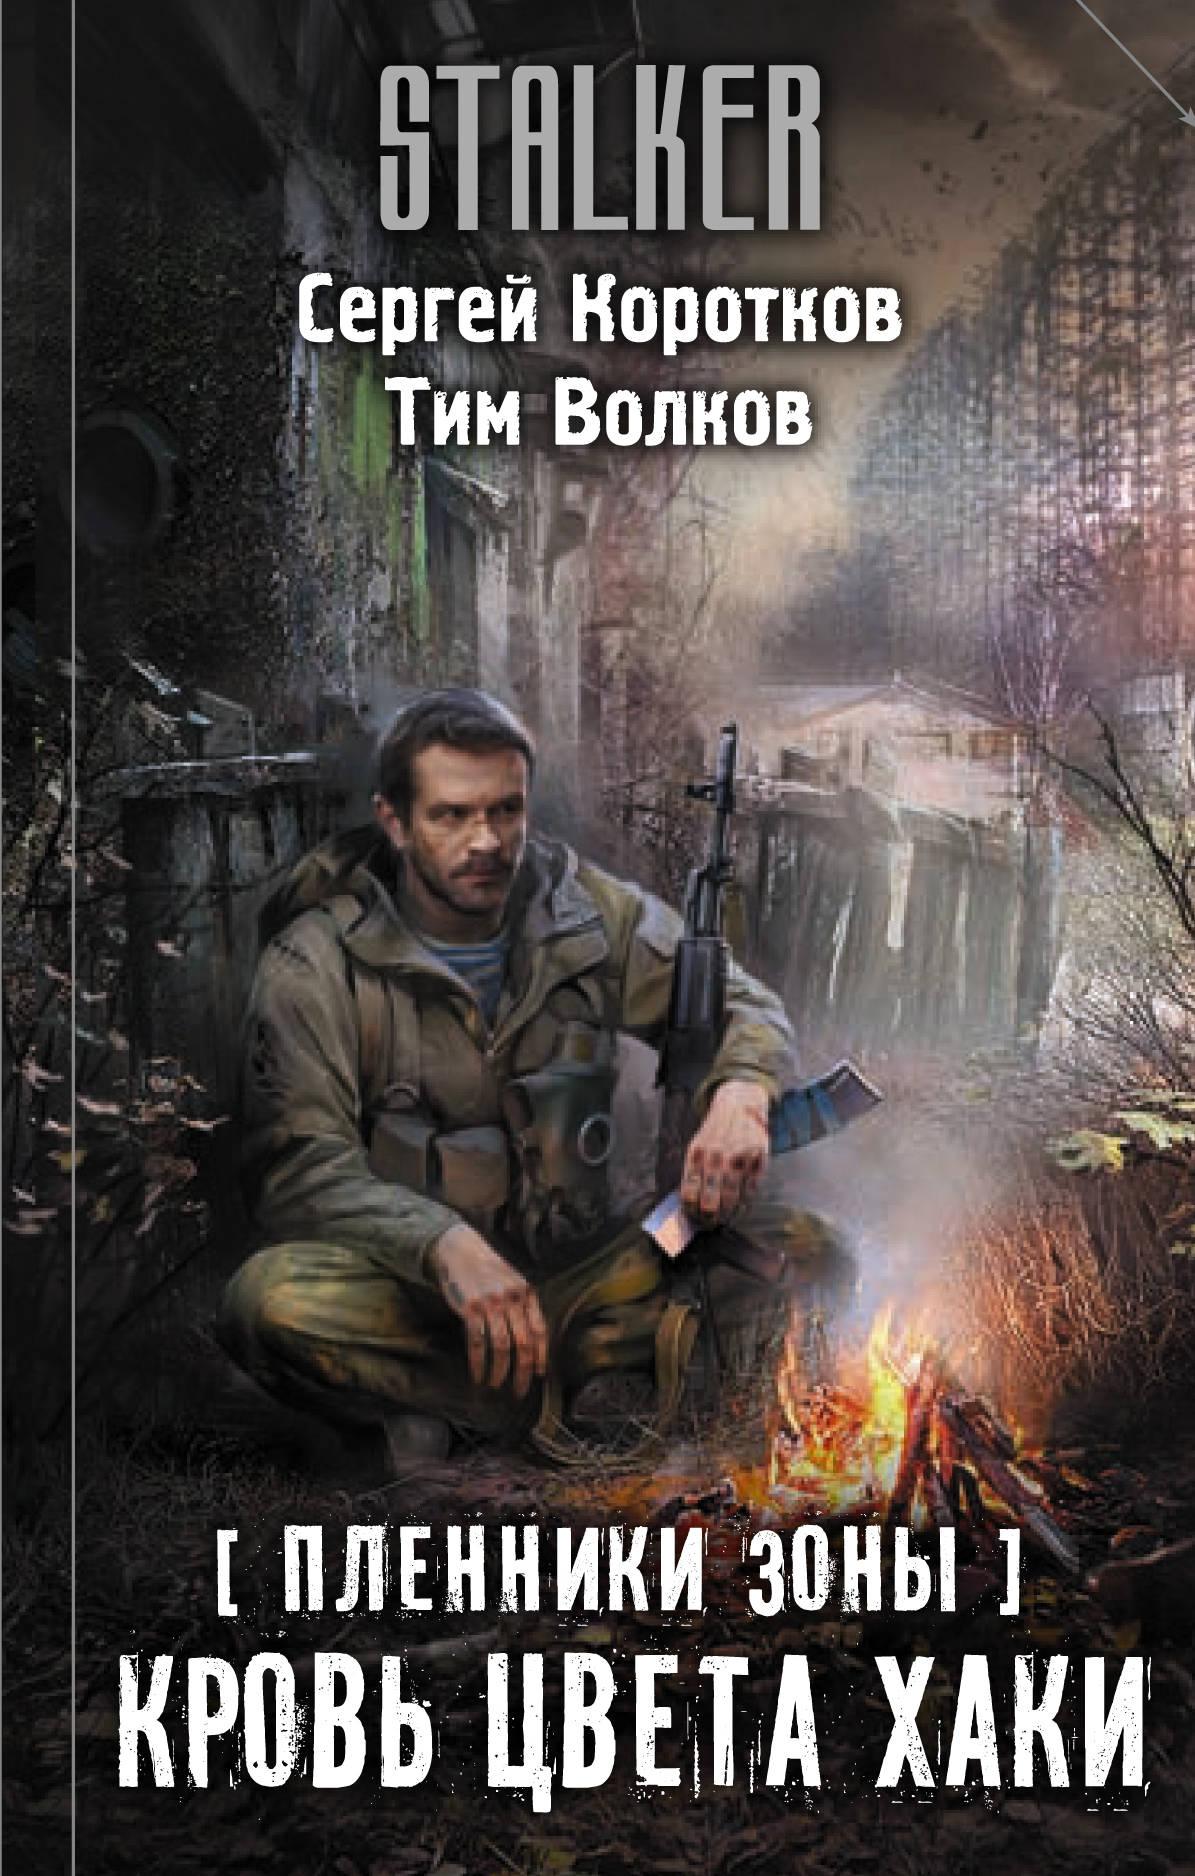 Сергей Коротков, Тим Волков «Пленники Зоны. Кровь цвета хаки»